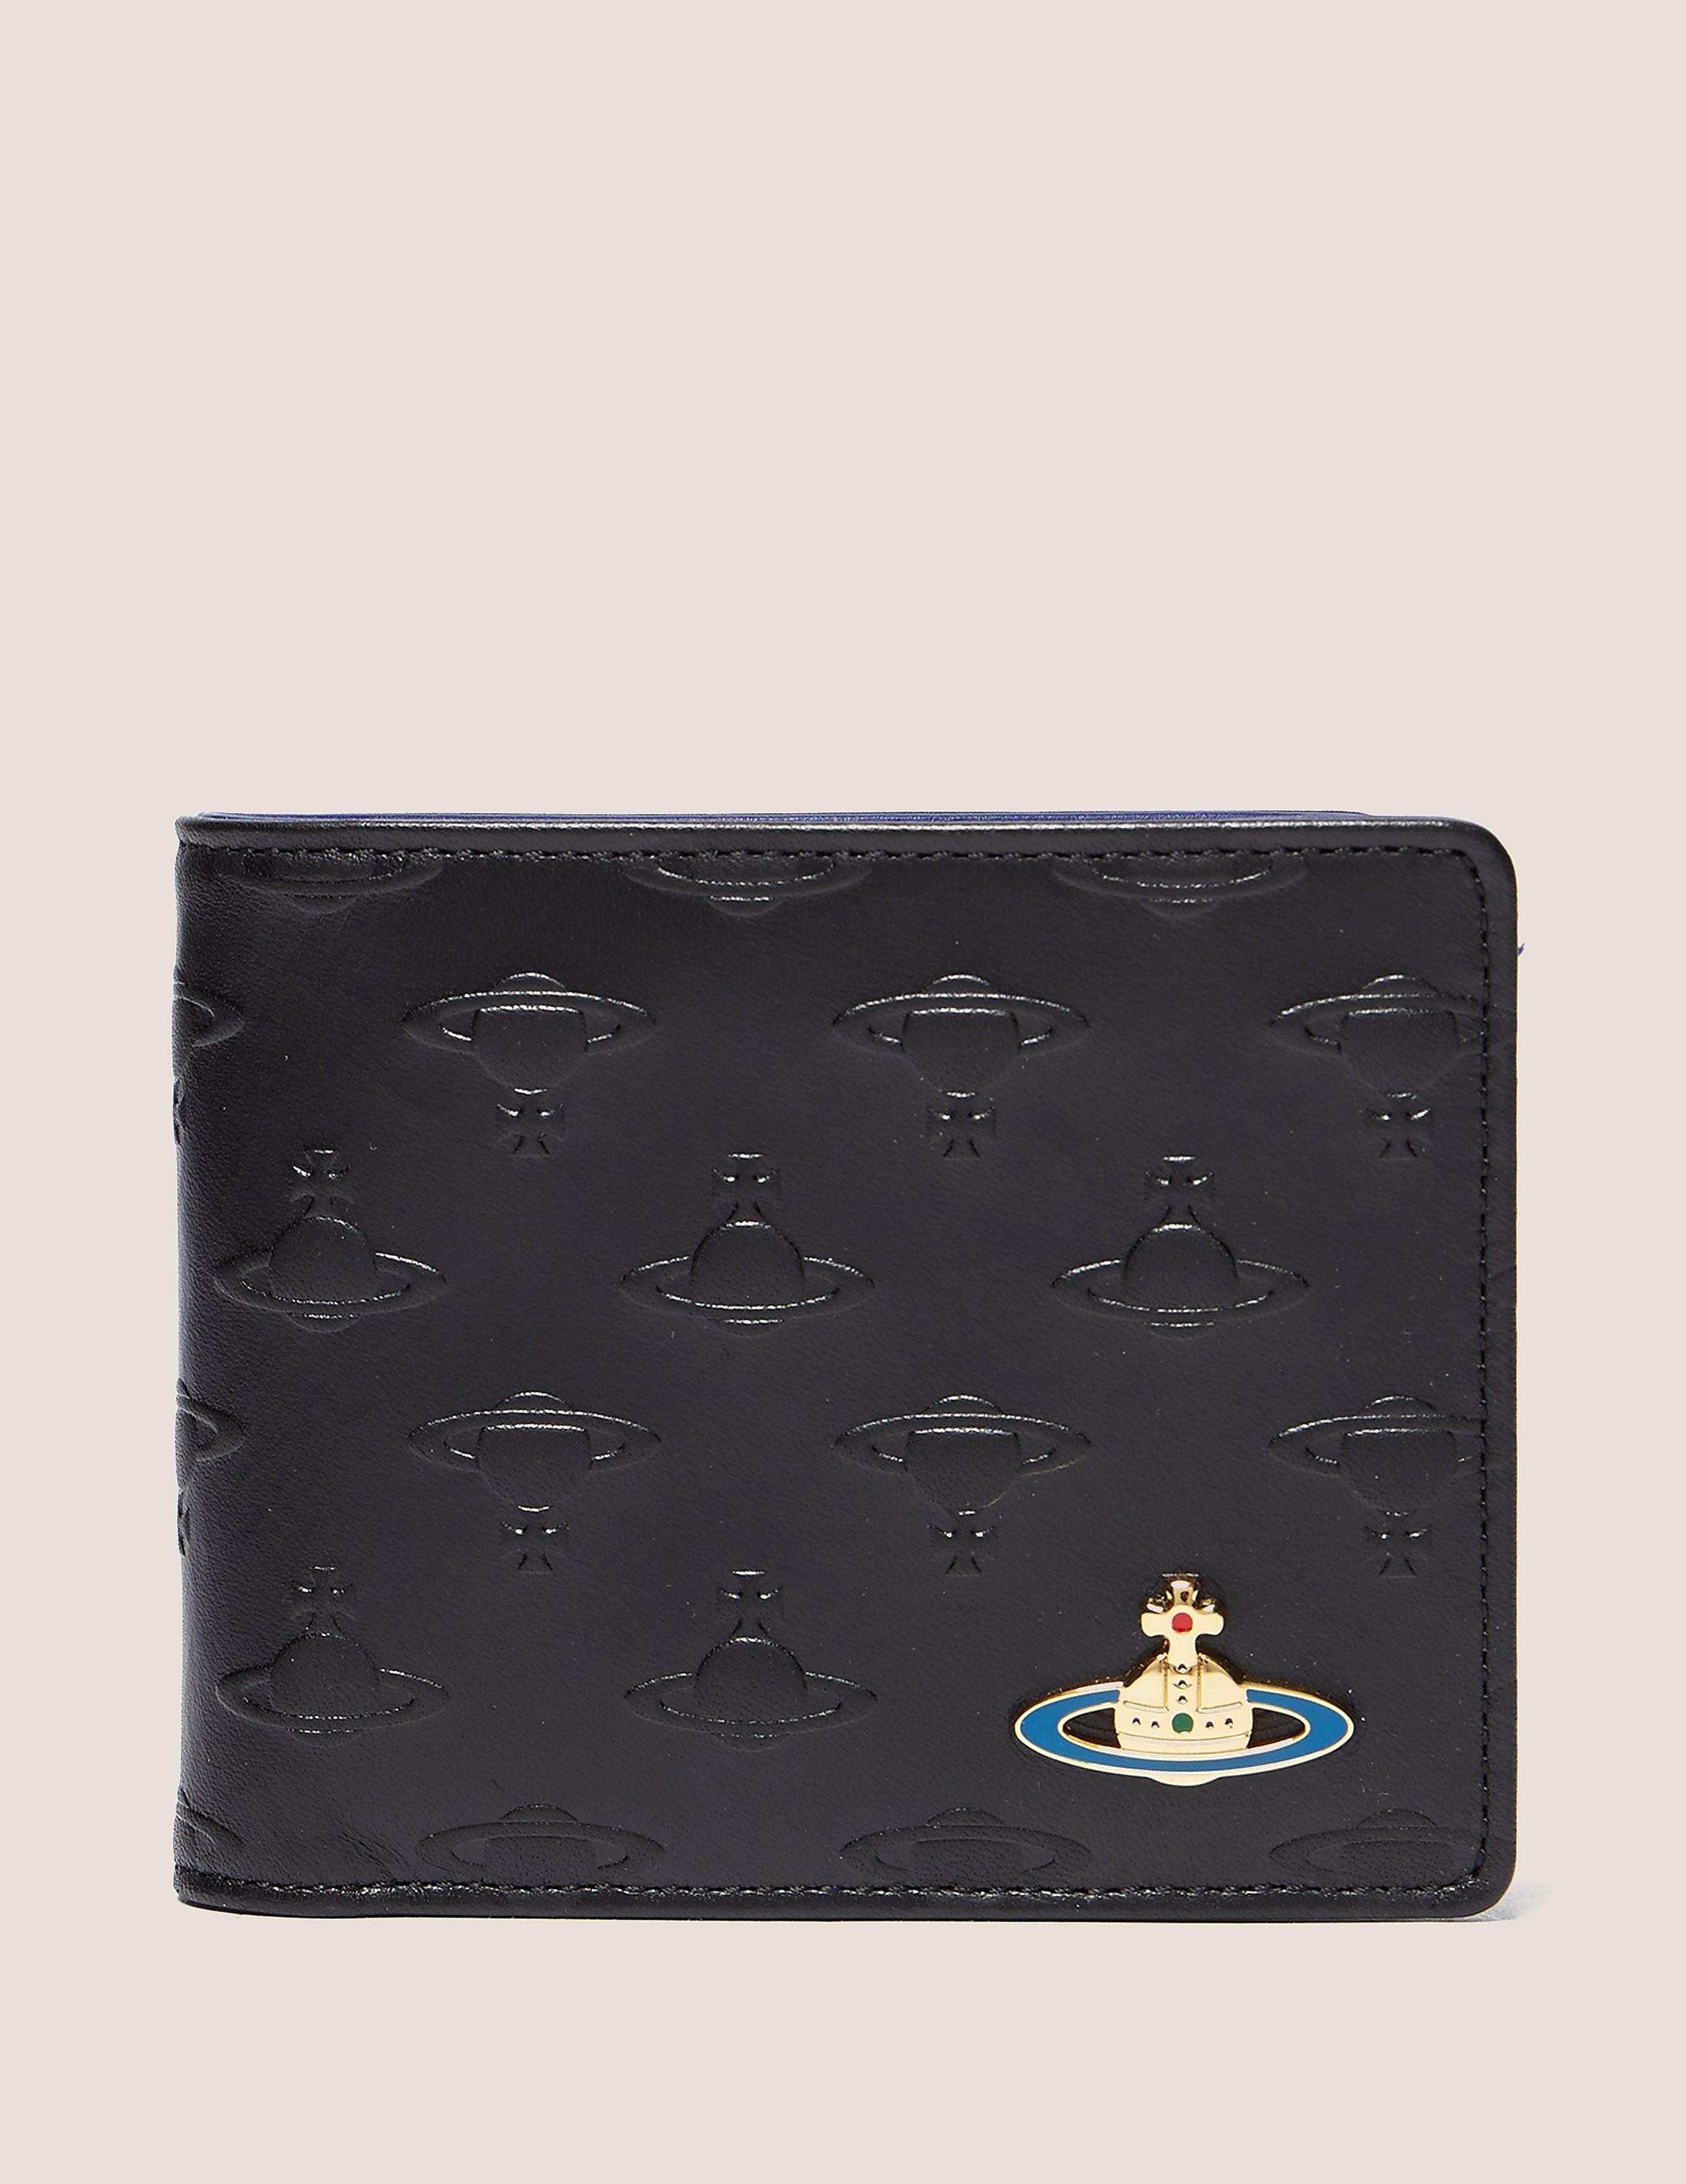 Vivienne Westwood Orb Wallet